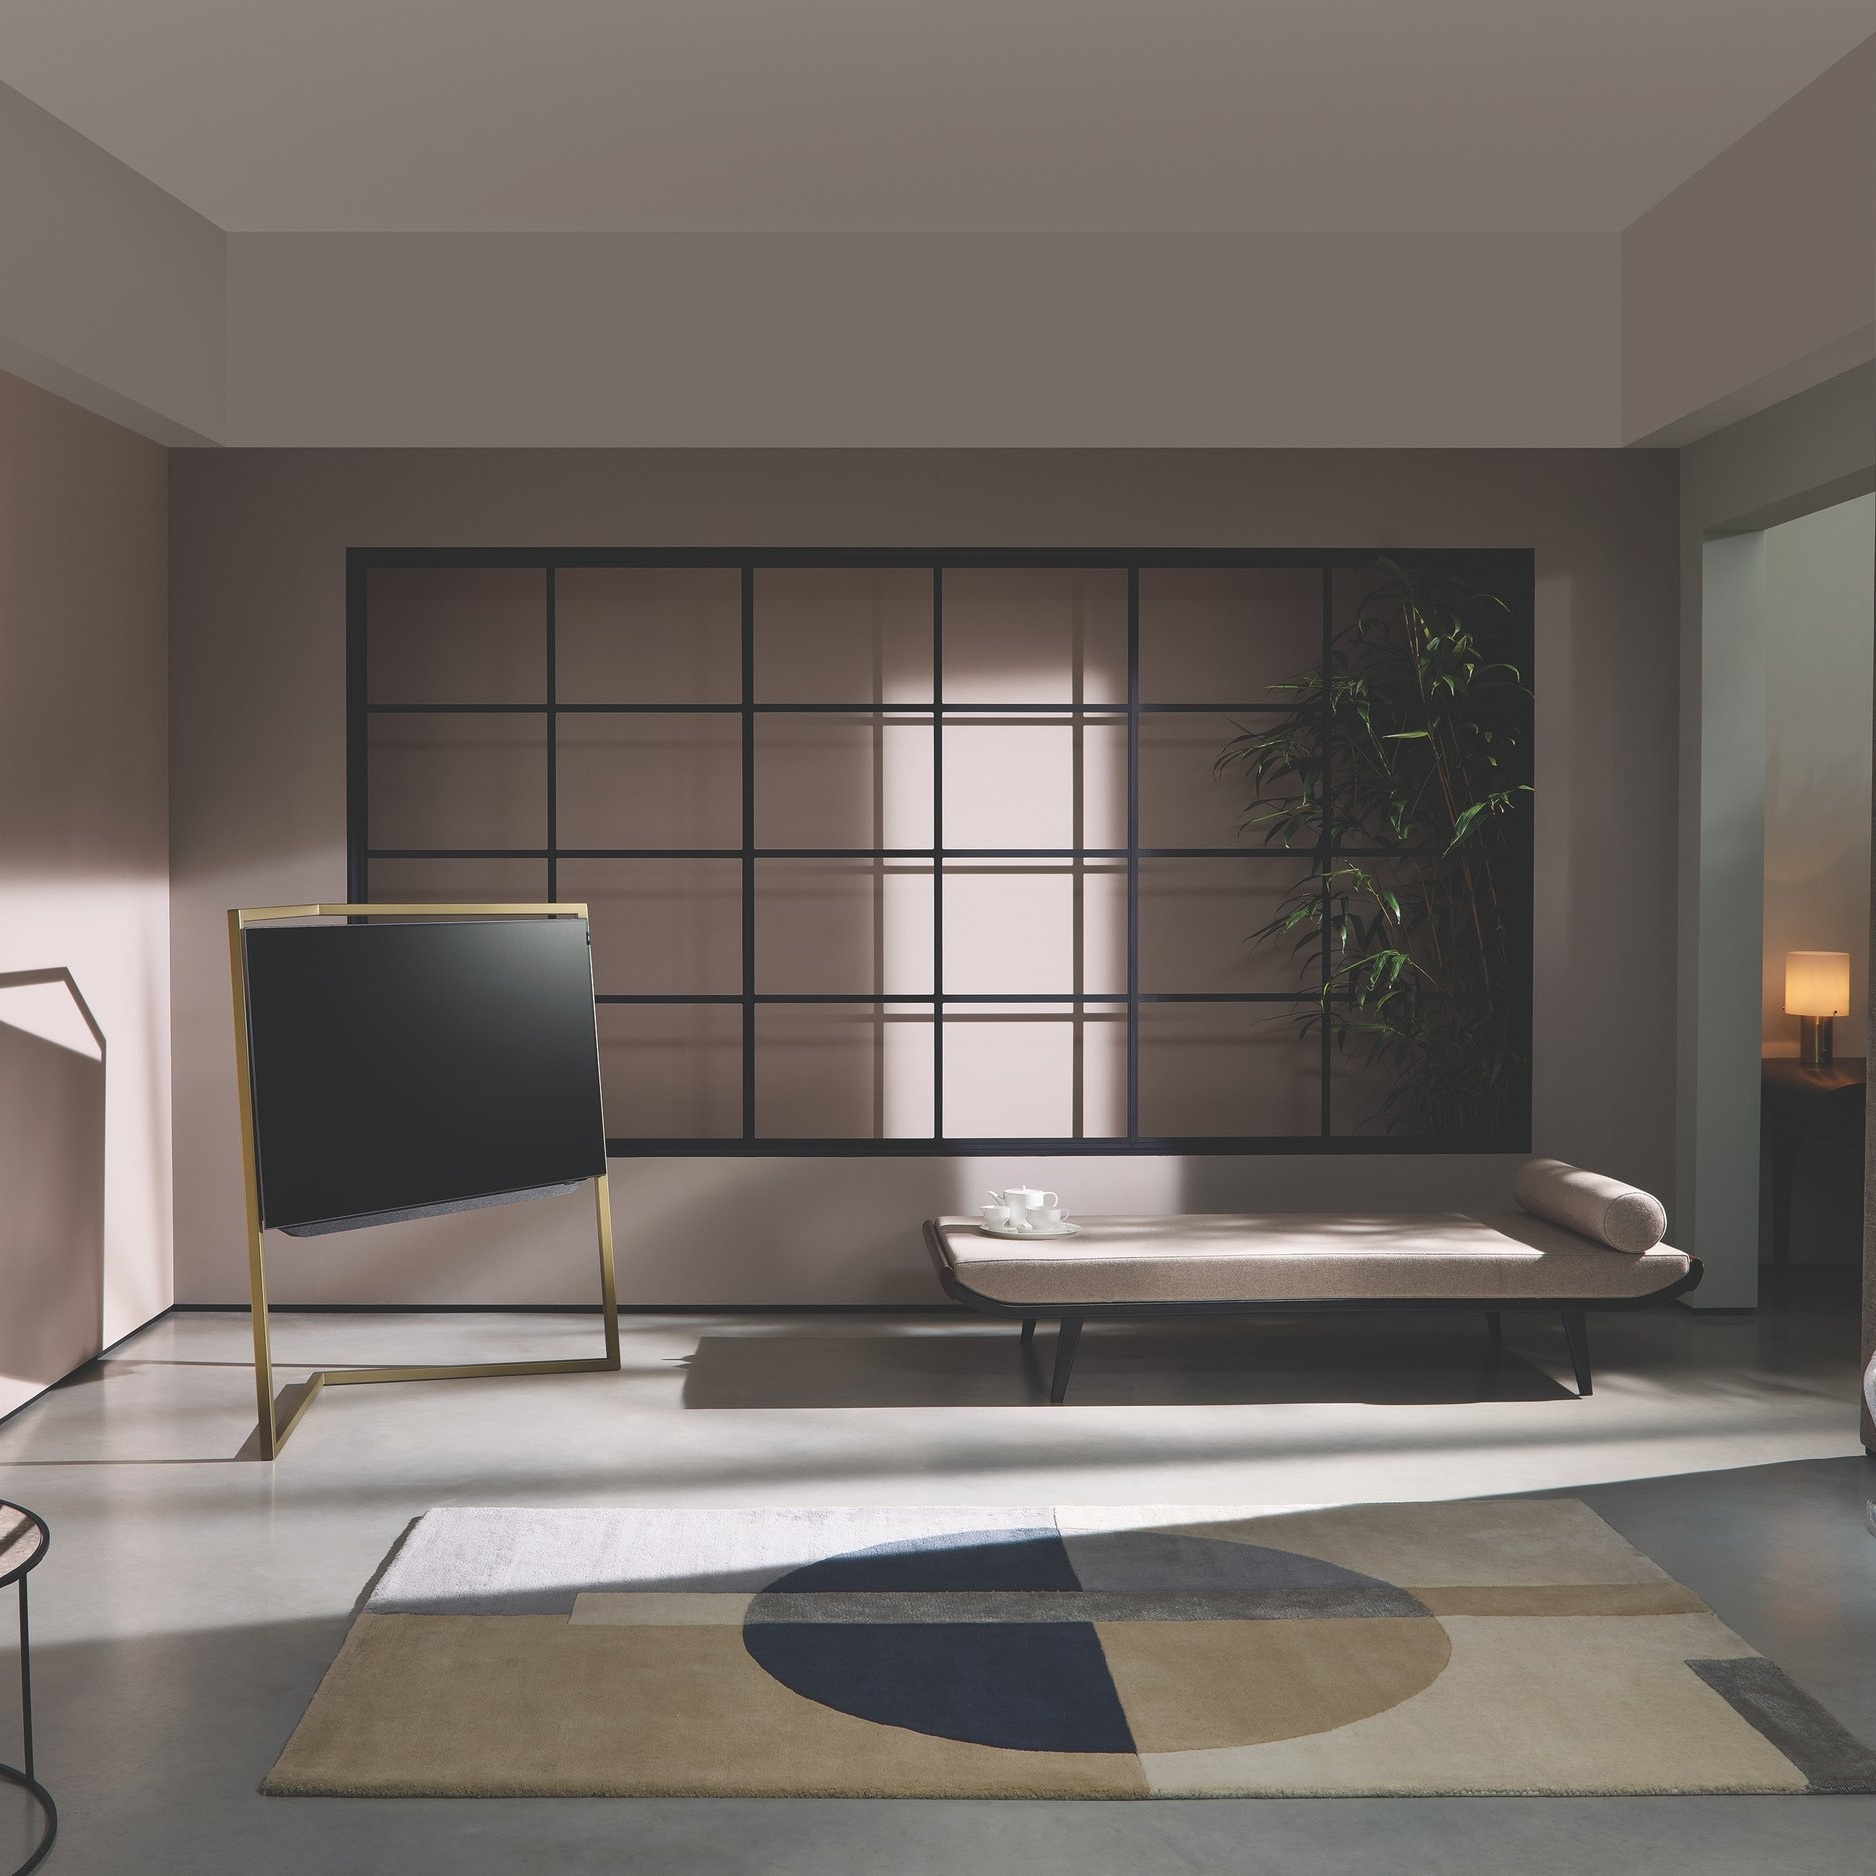 デザイン性の高い居住空間 - moover を利用すると、インテリアのエキスパートが厳選しコーディネートした、ハイグレードな家具のある空間に即居住することが可能です。家具選びに労力を費やすことも、従来の家具付き賃貸の部屋に備え付けの、安価なファスト家具に不満を抱くようなこともありません。